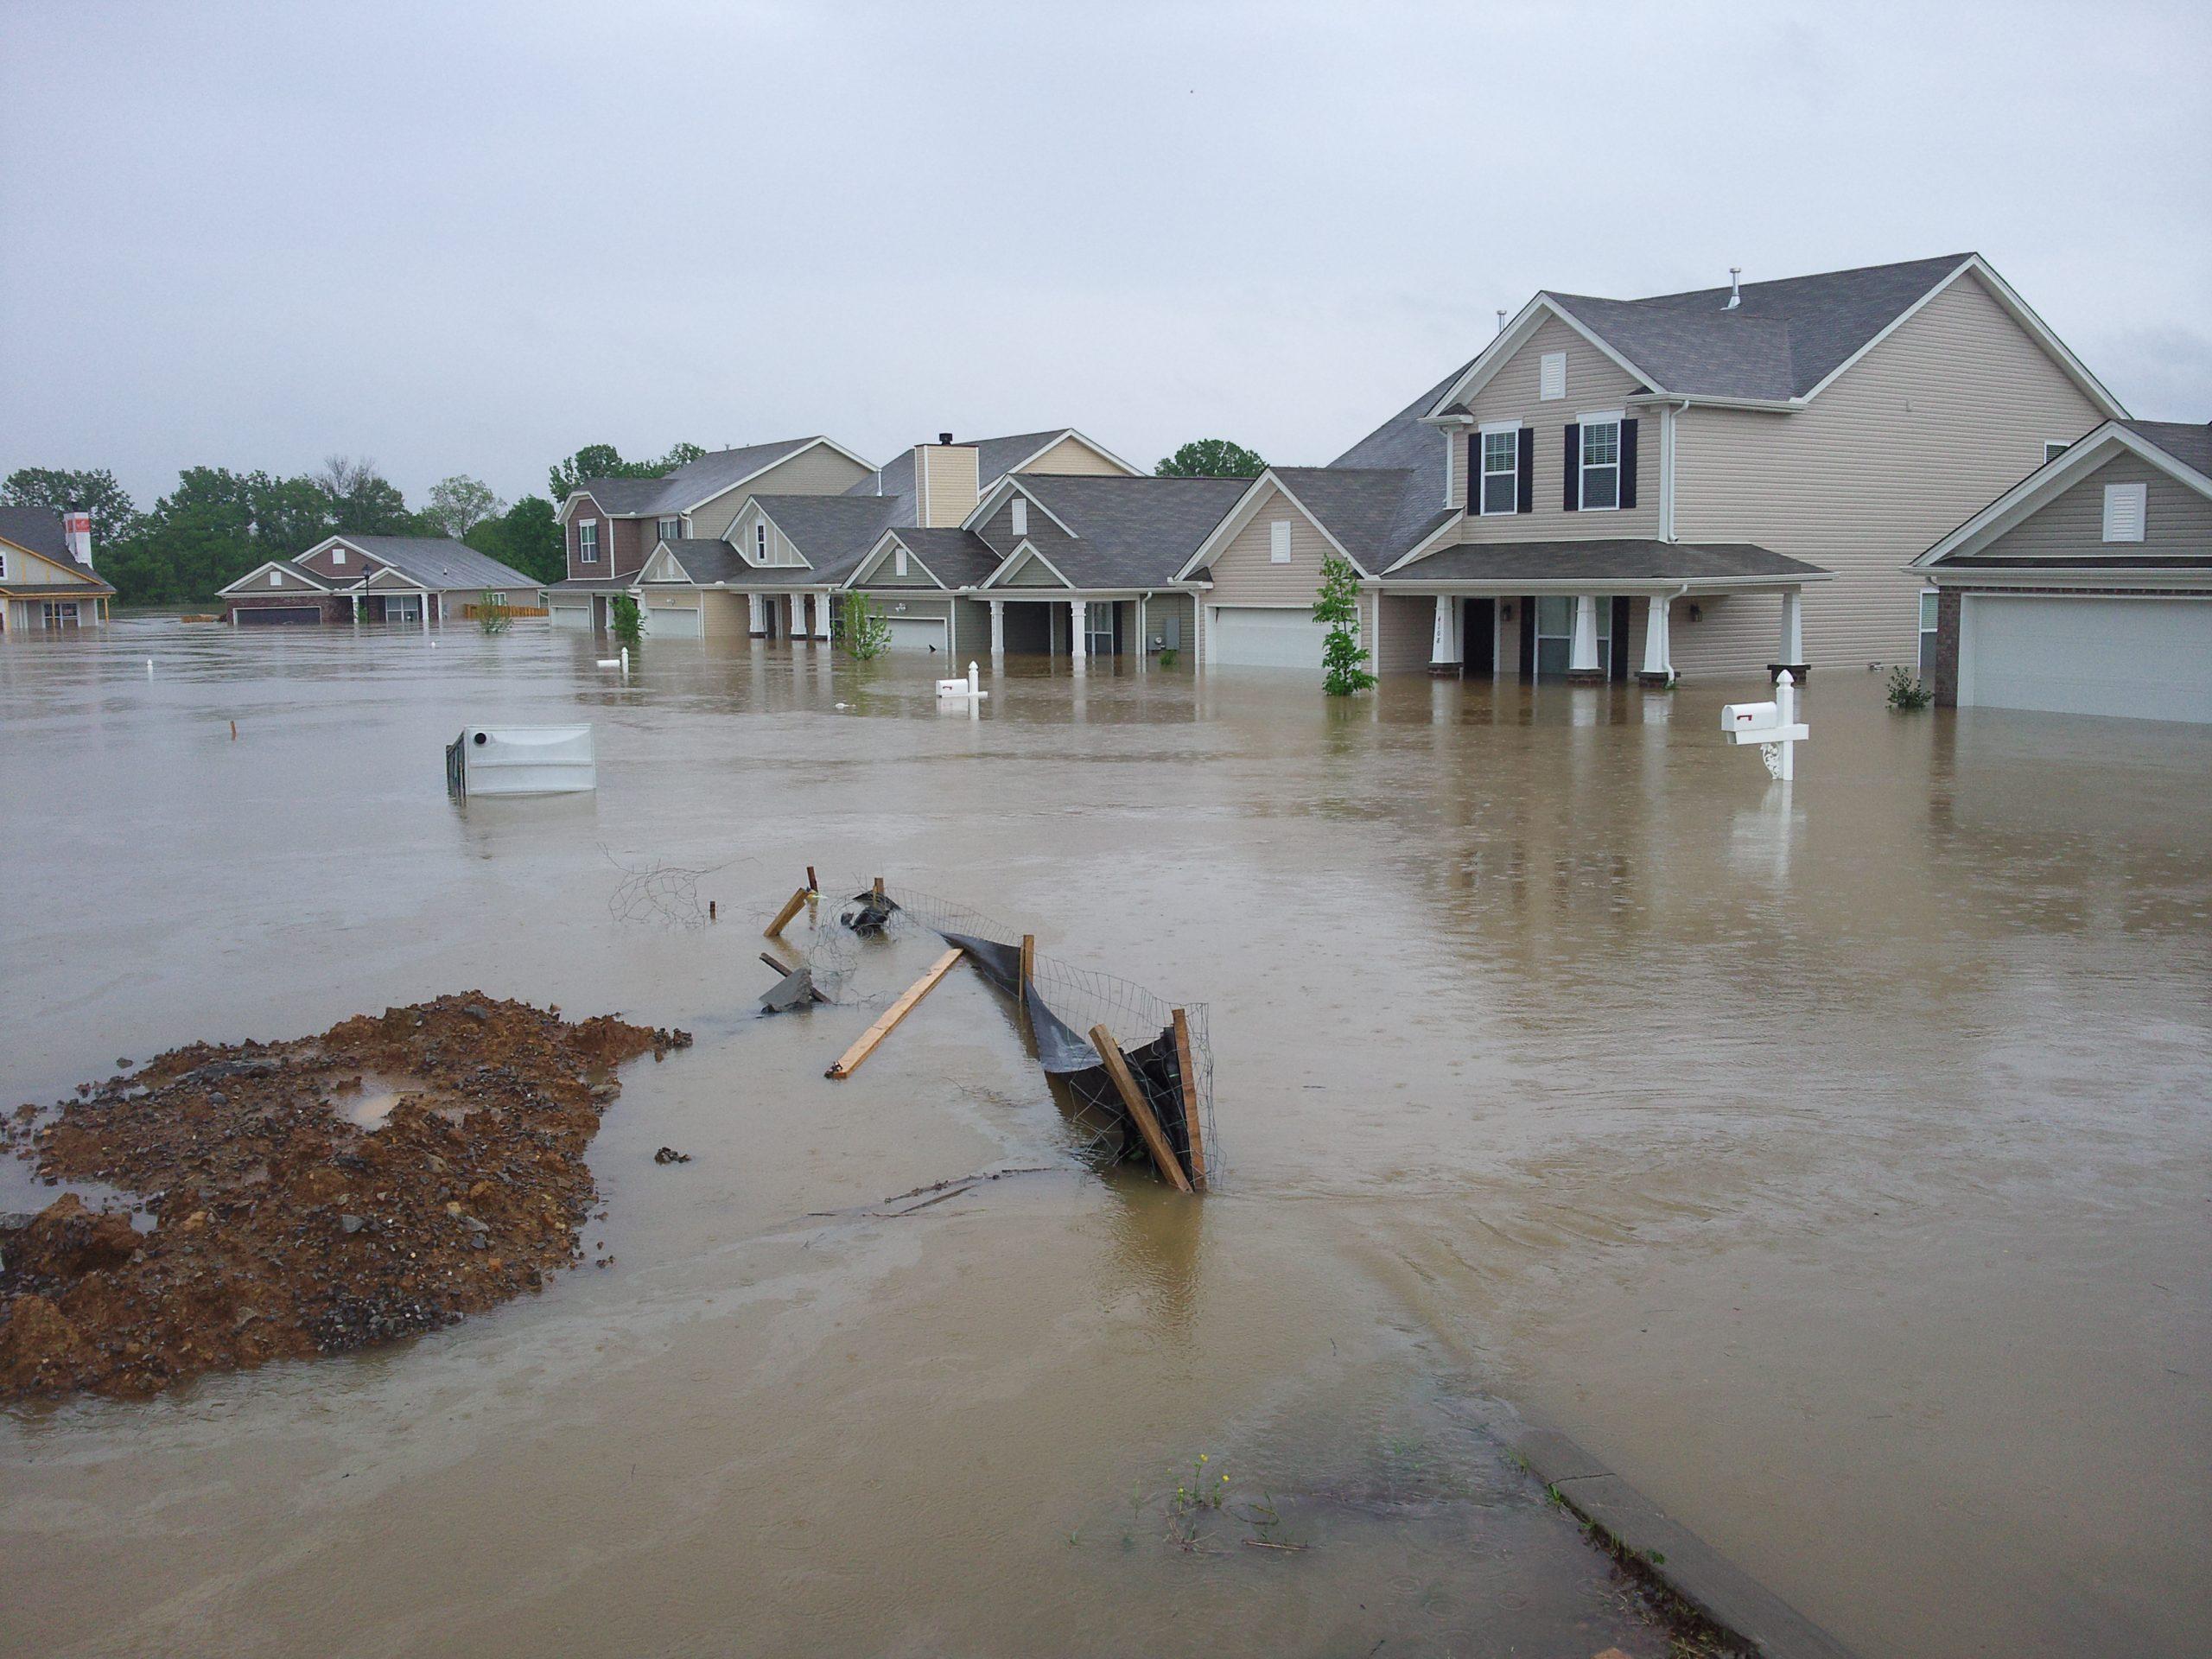 Ajutoare pentru familiile afectate de inundaţii